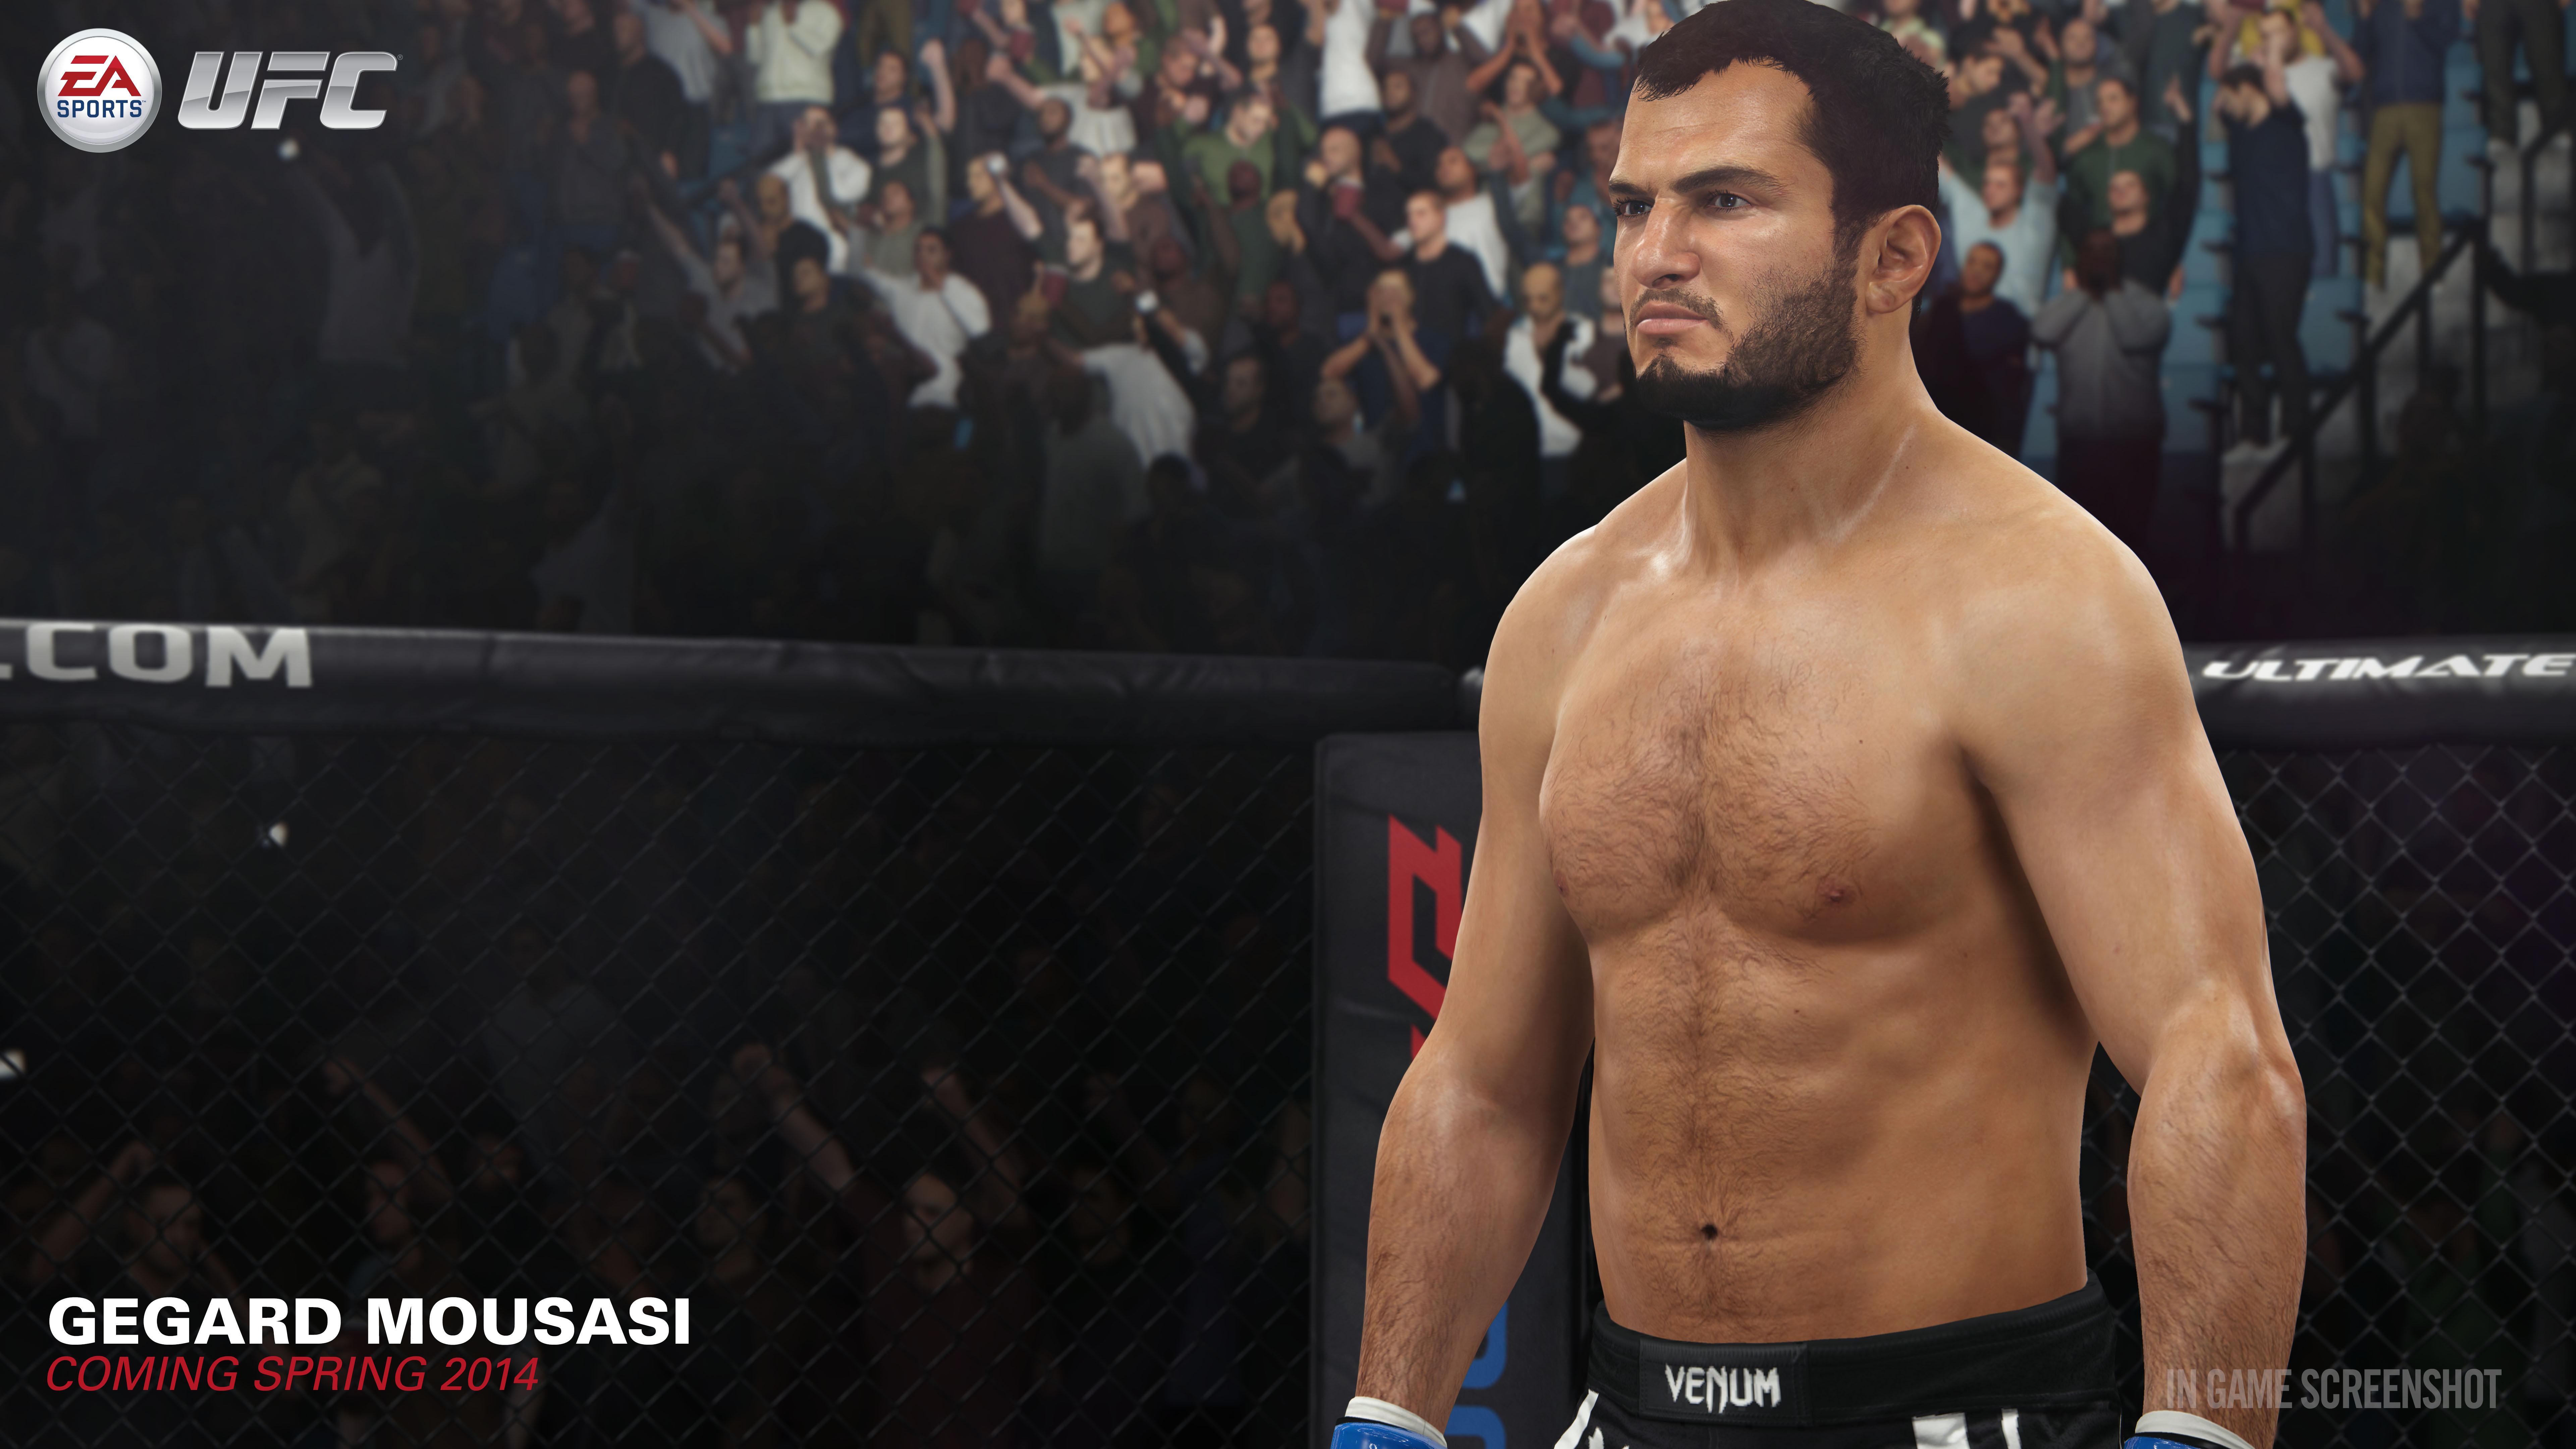 Гегард Мусаси - EA Sports UFC 8K